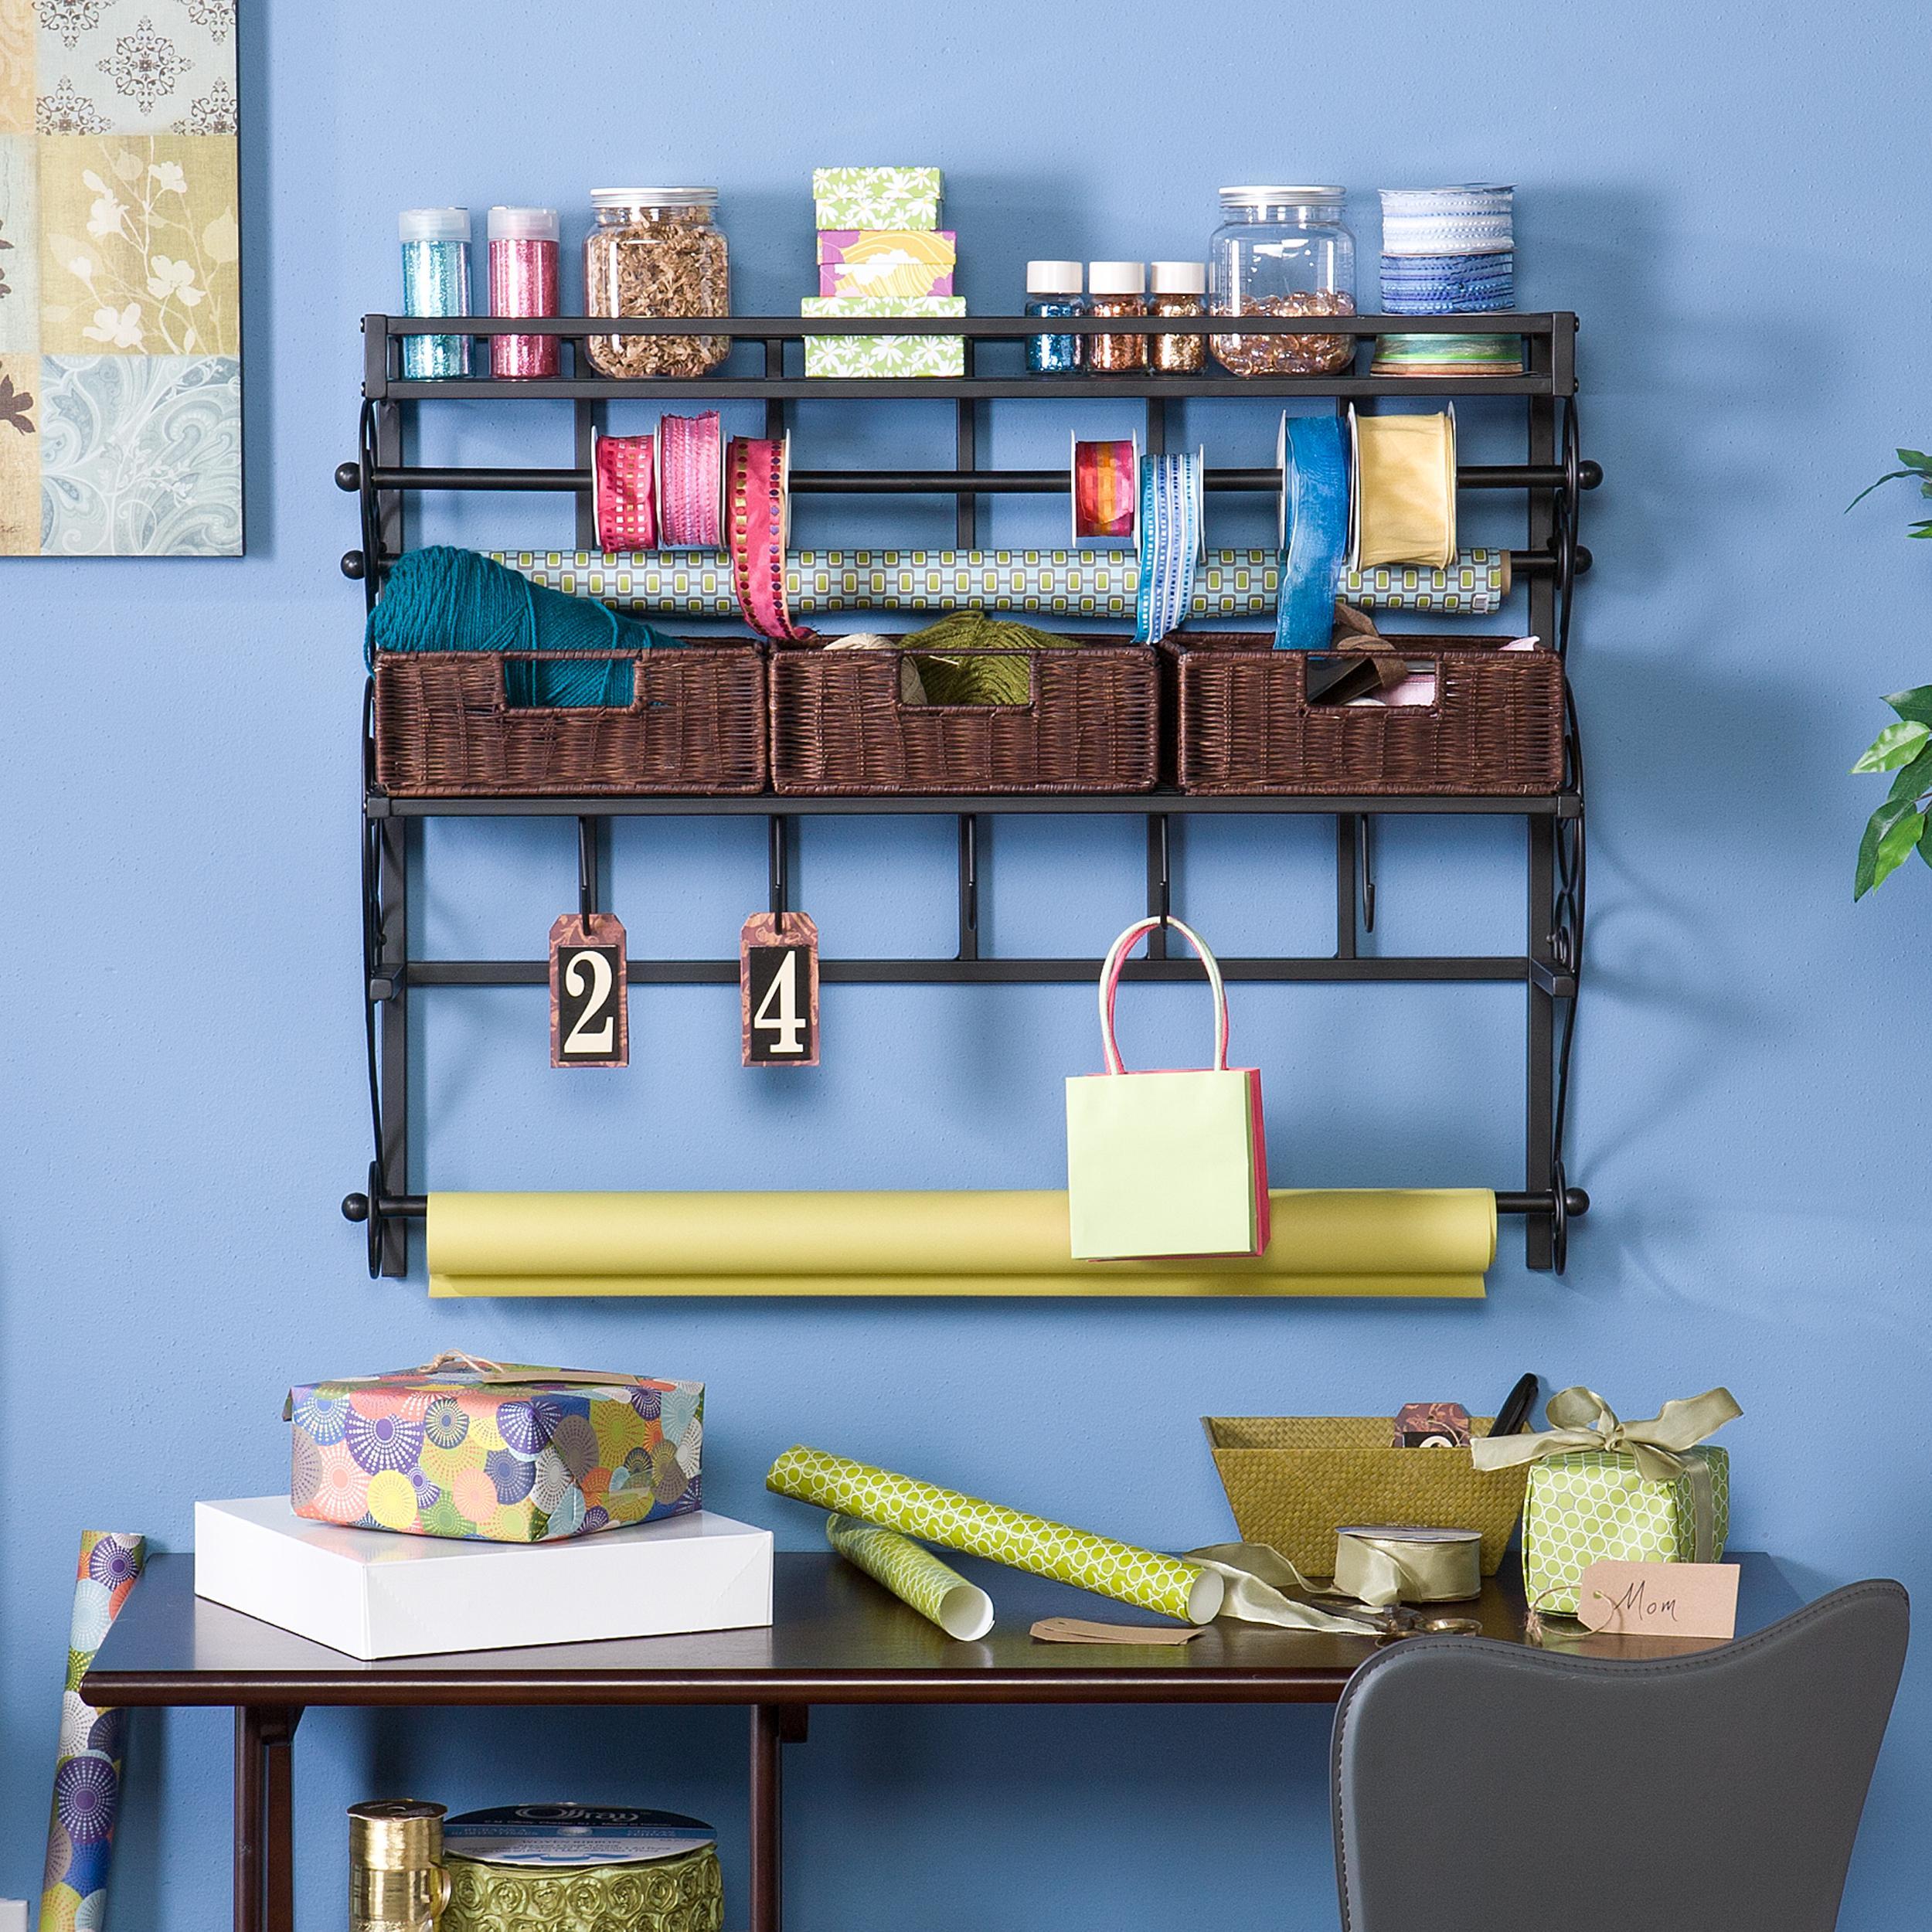 southern enterprises hz6245 wall mount craft storage rack with baskets black. Black Bedroom Furniture Sets. Home Design Ideas